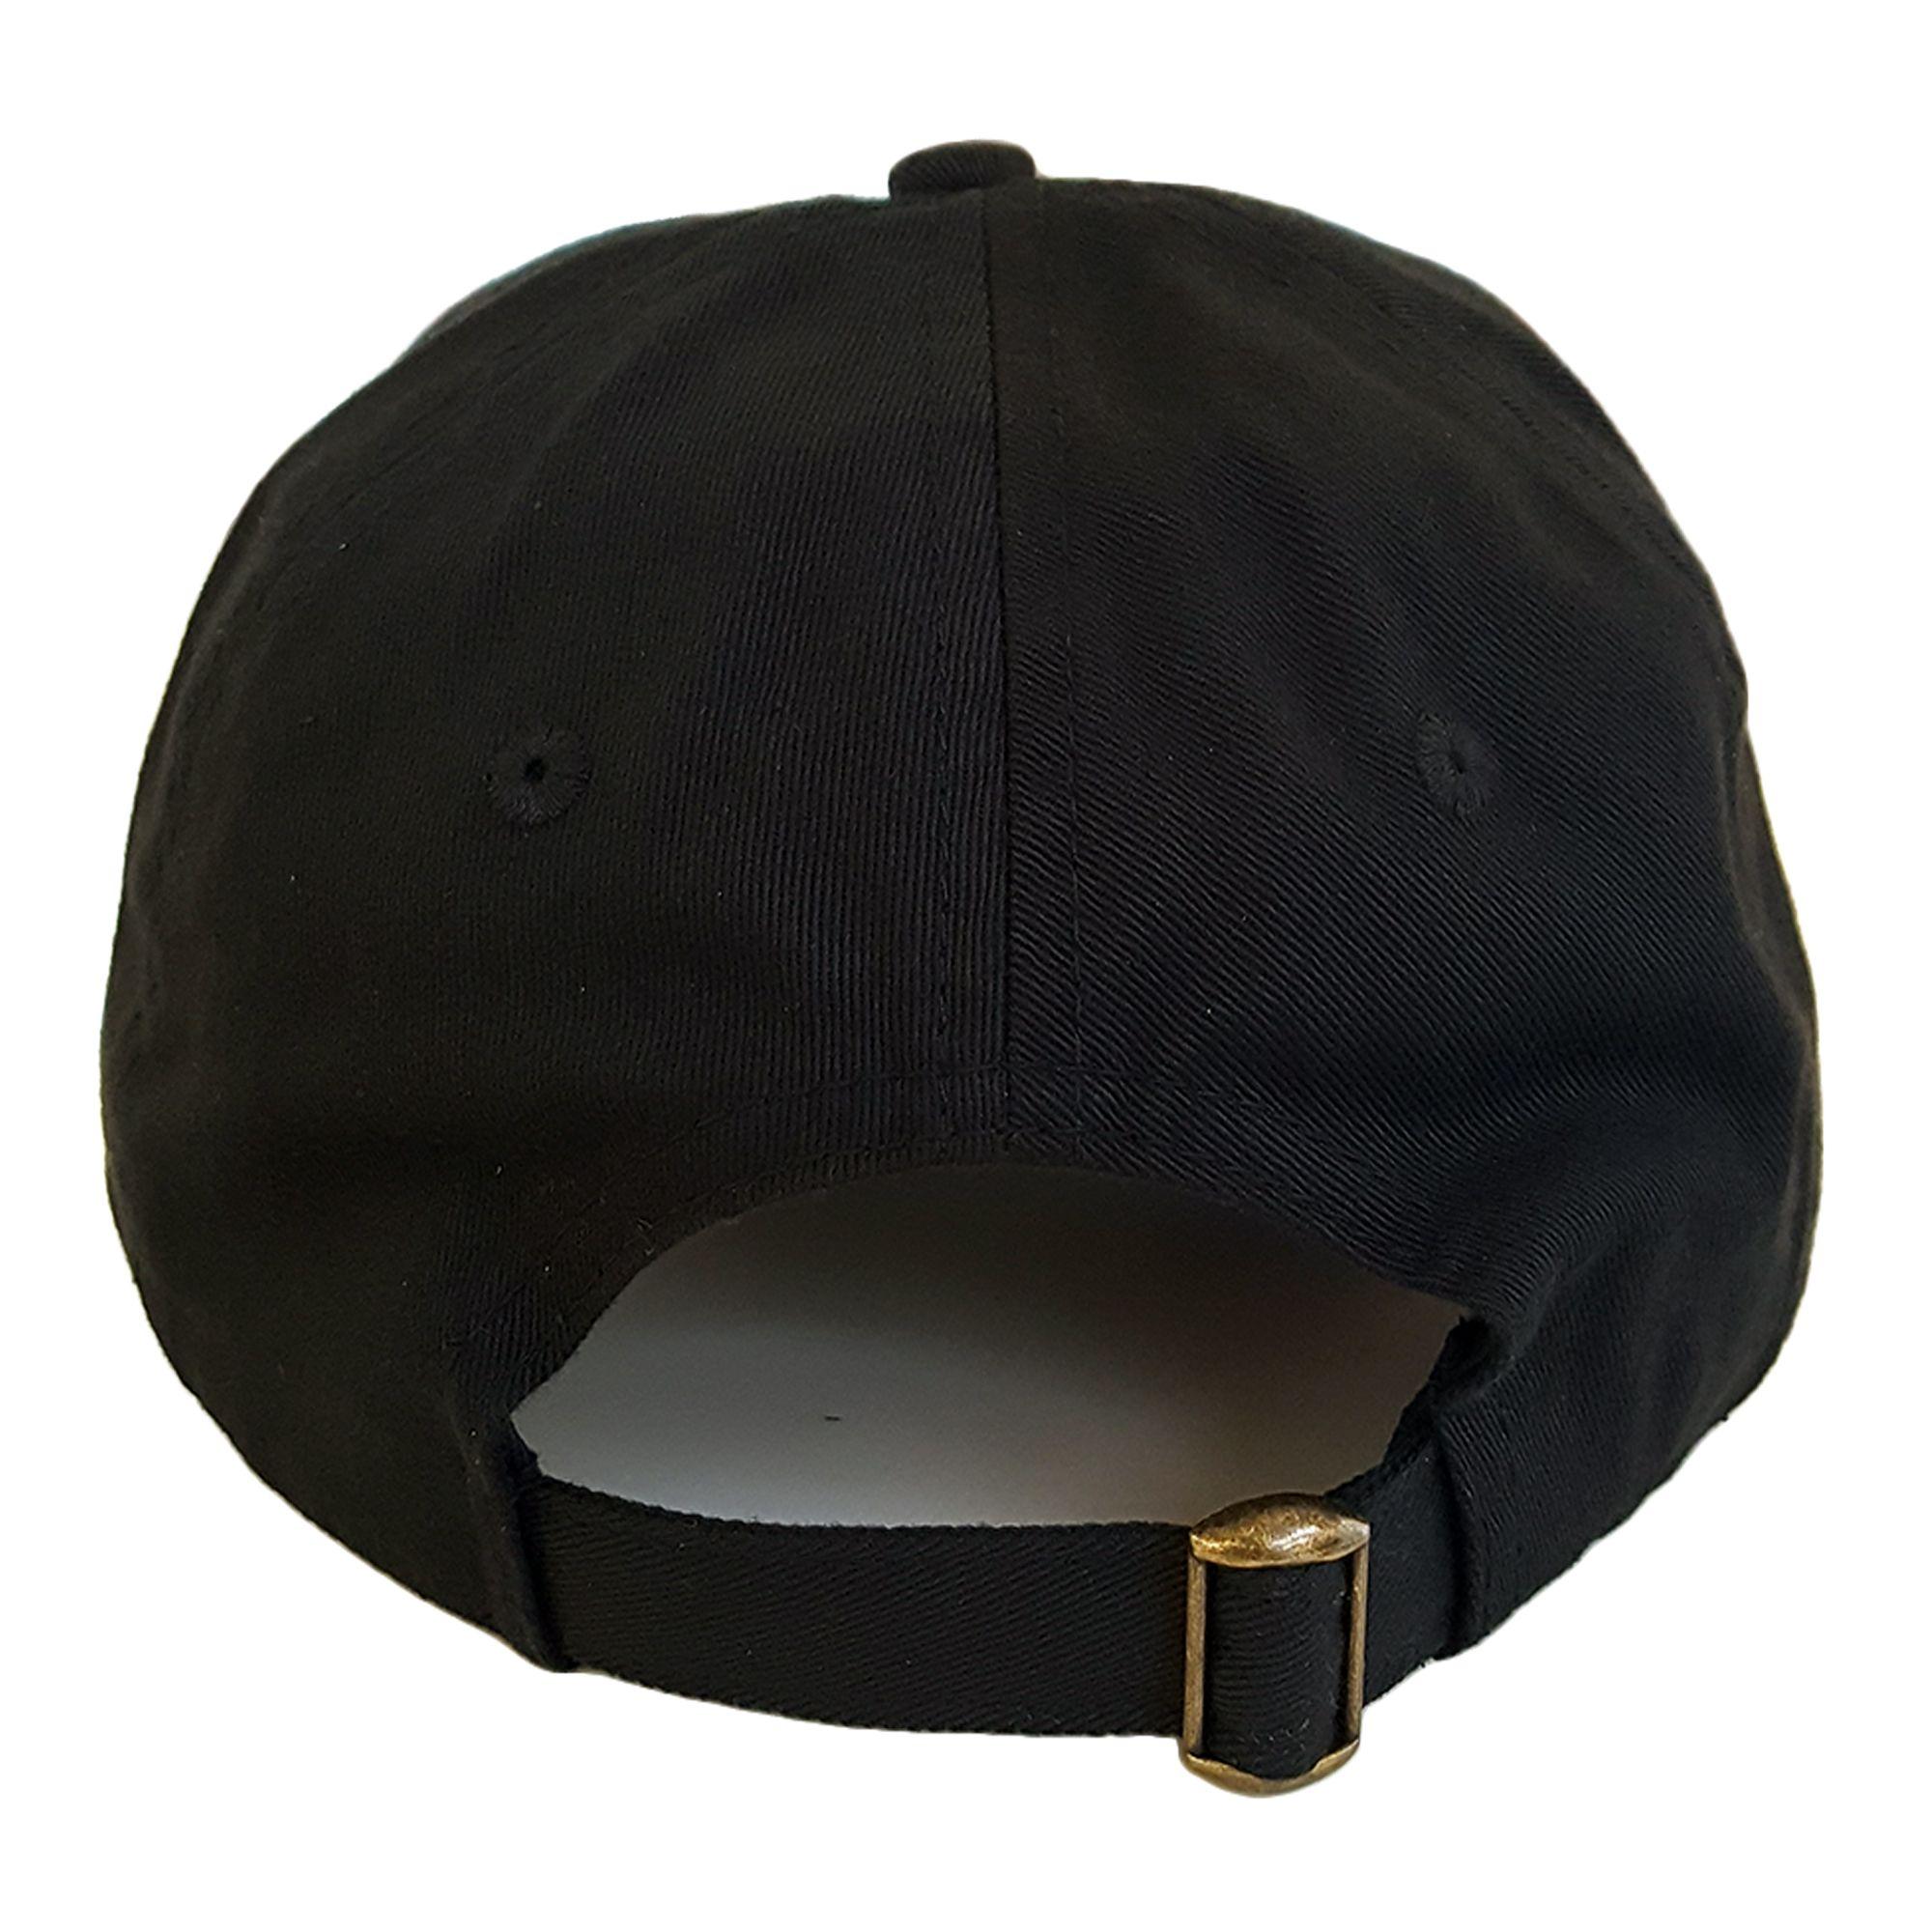 5a2a455b Travis Scott smiley face hat   dad hats Hats4uUsa.com   Hats, Dad ...